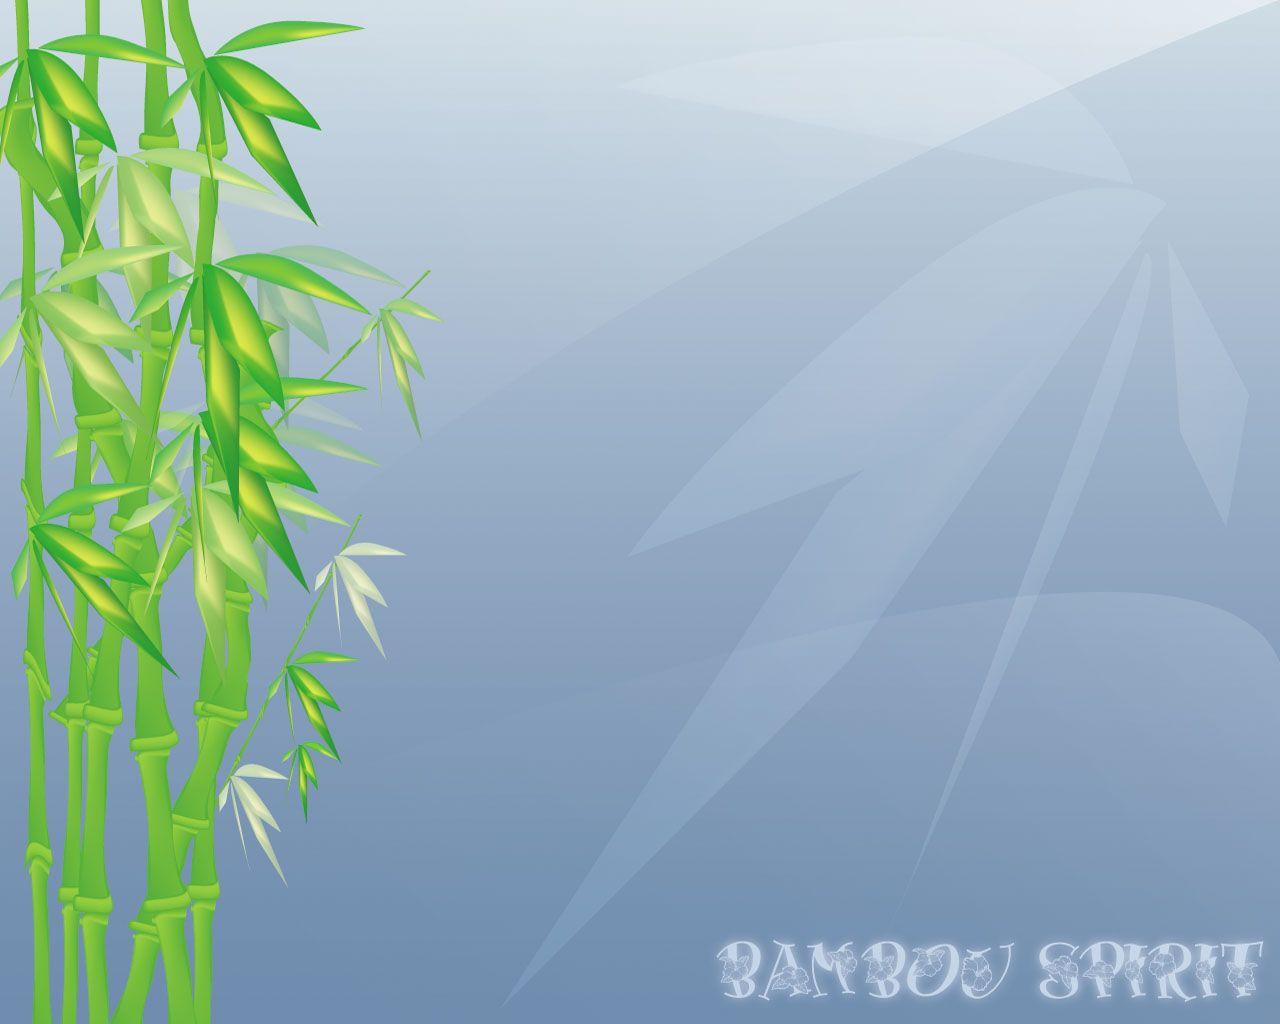 fond d'écran bambou spirit